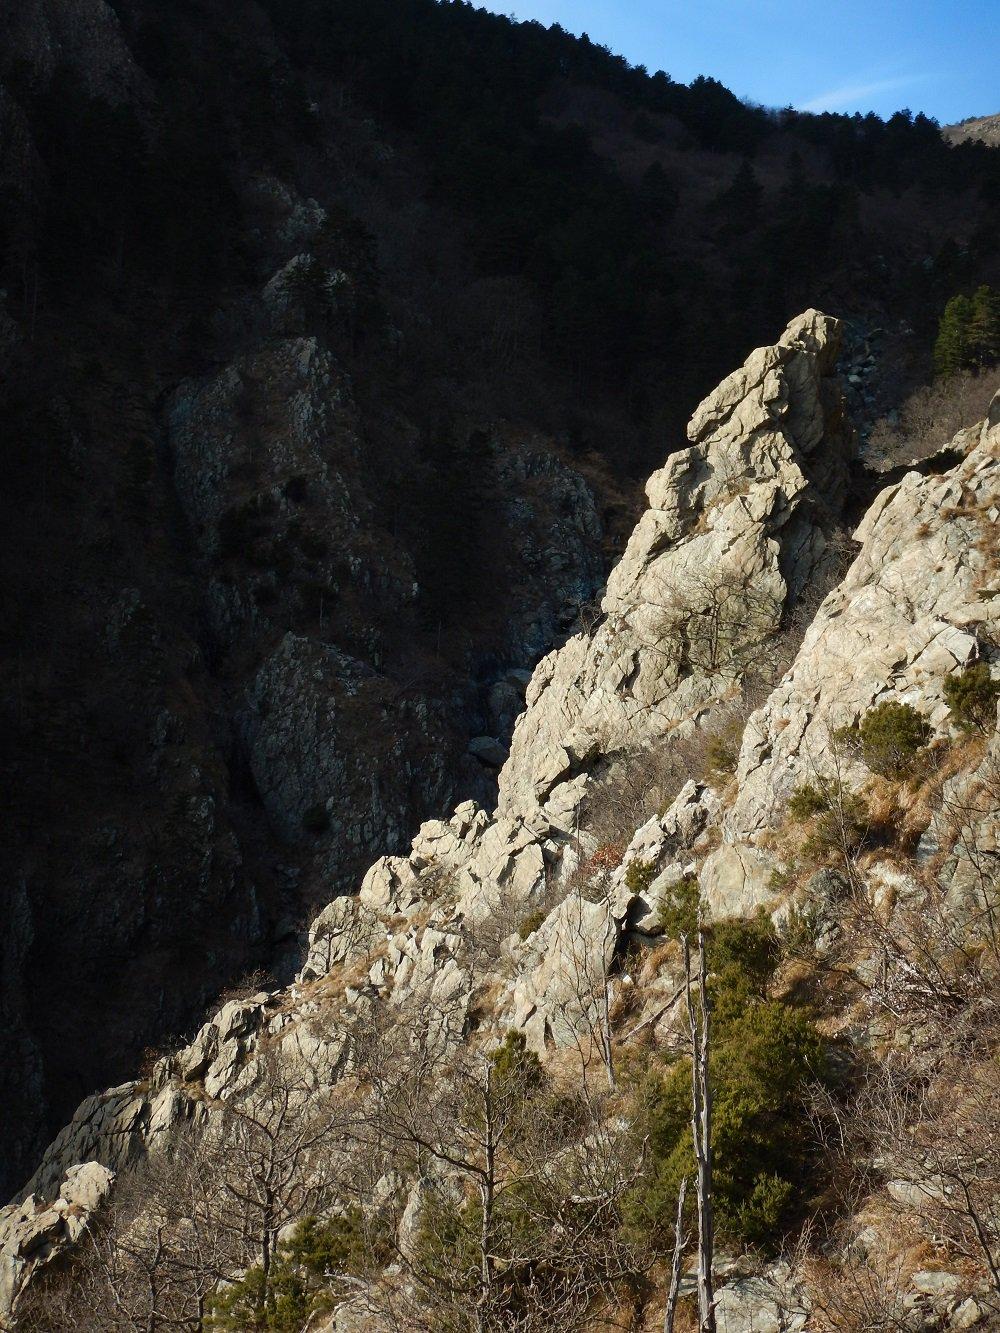 La cresta di roccia dove corre la via in primo piano, con il profilo slanciato del Campanile sullo sfondo